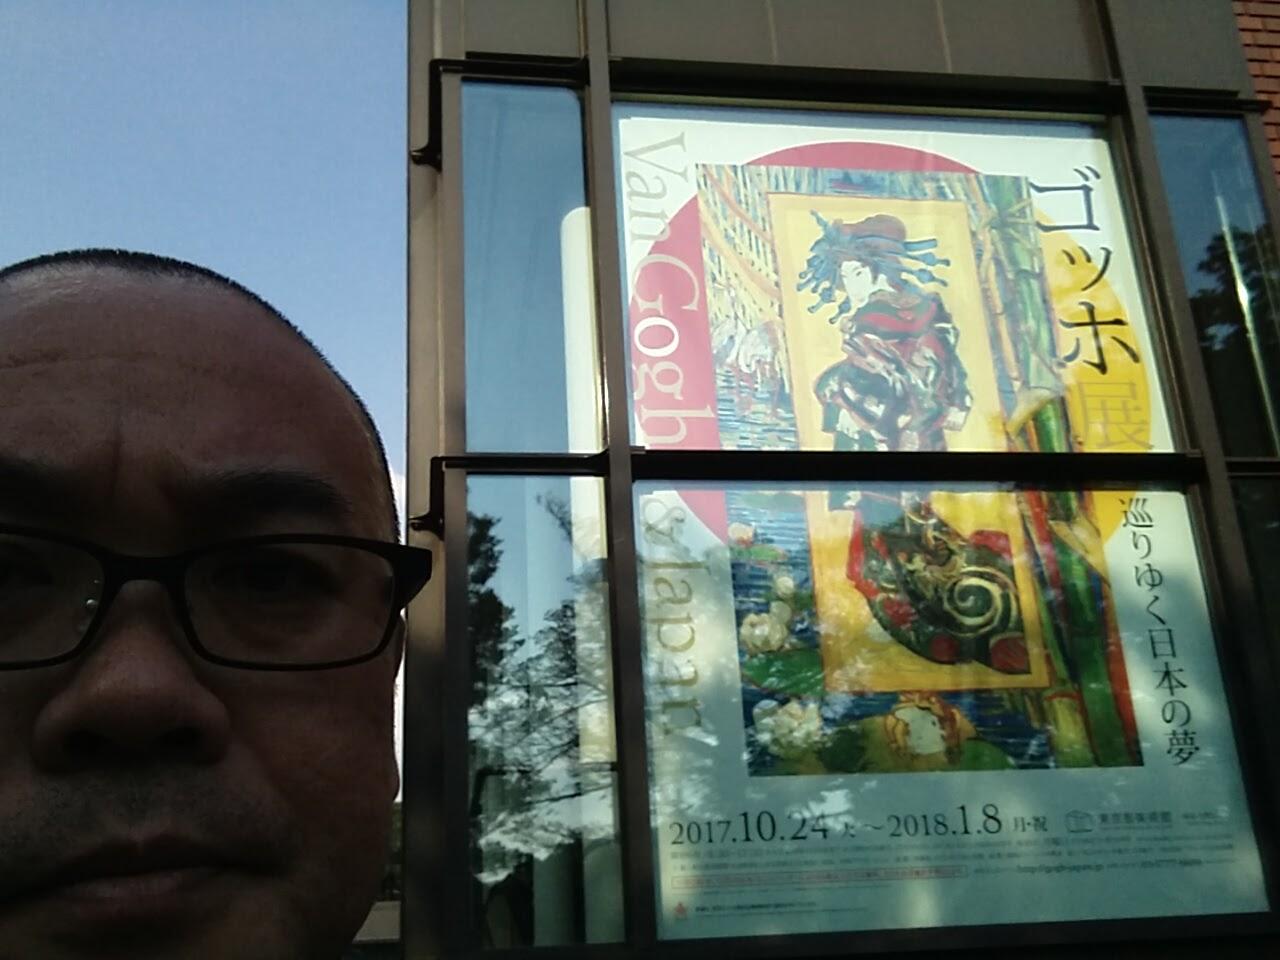 東京都美術館で「ゴッホ展 巡りゆく日本の夢」を堪能しました